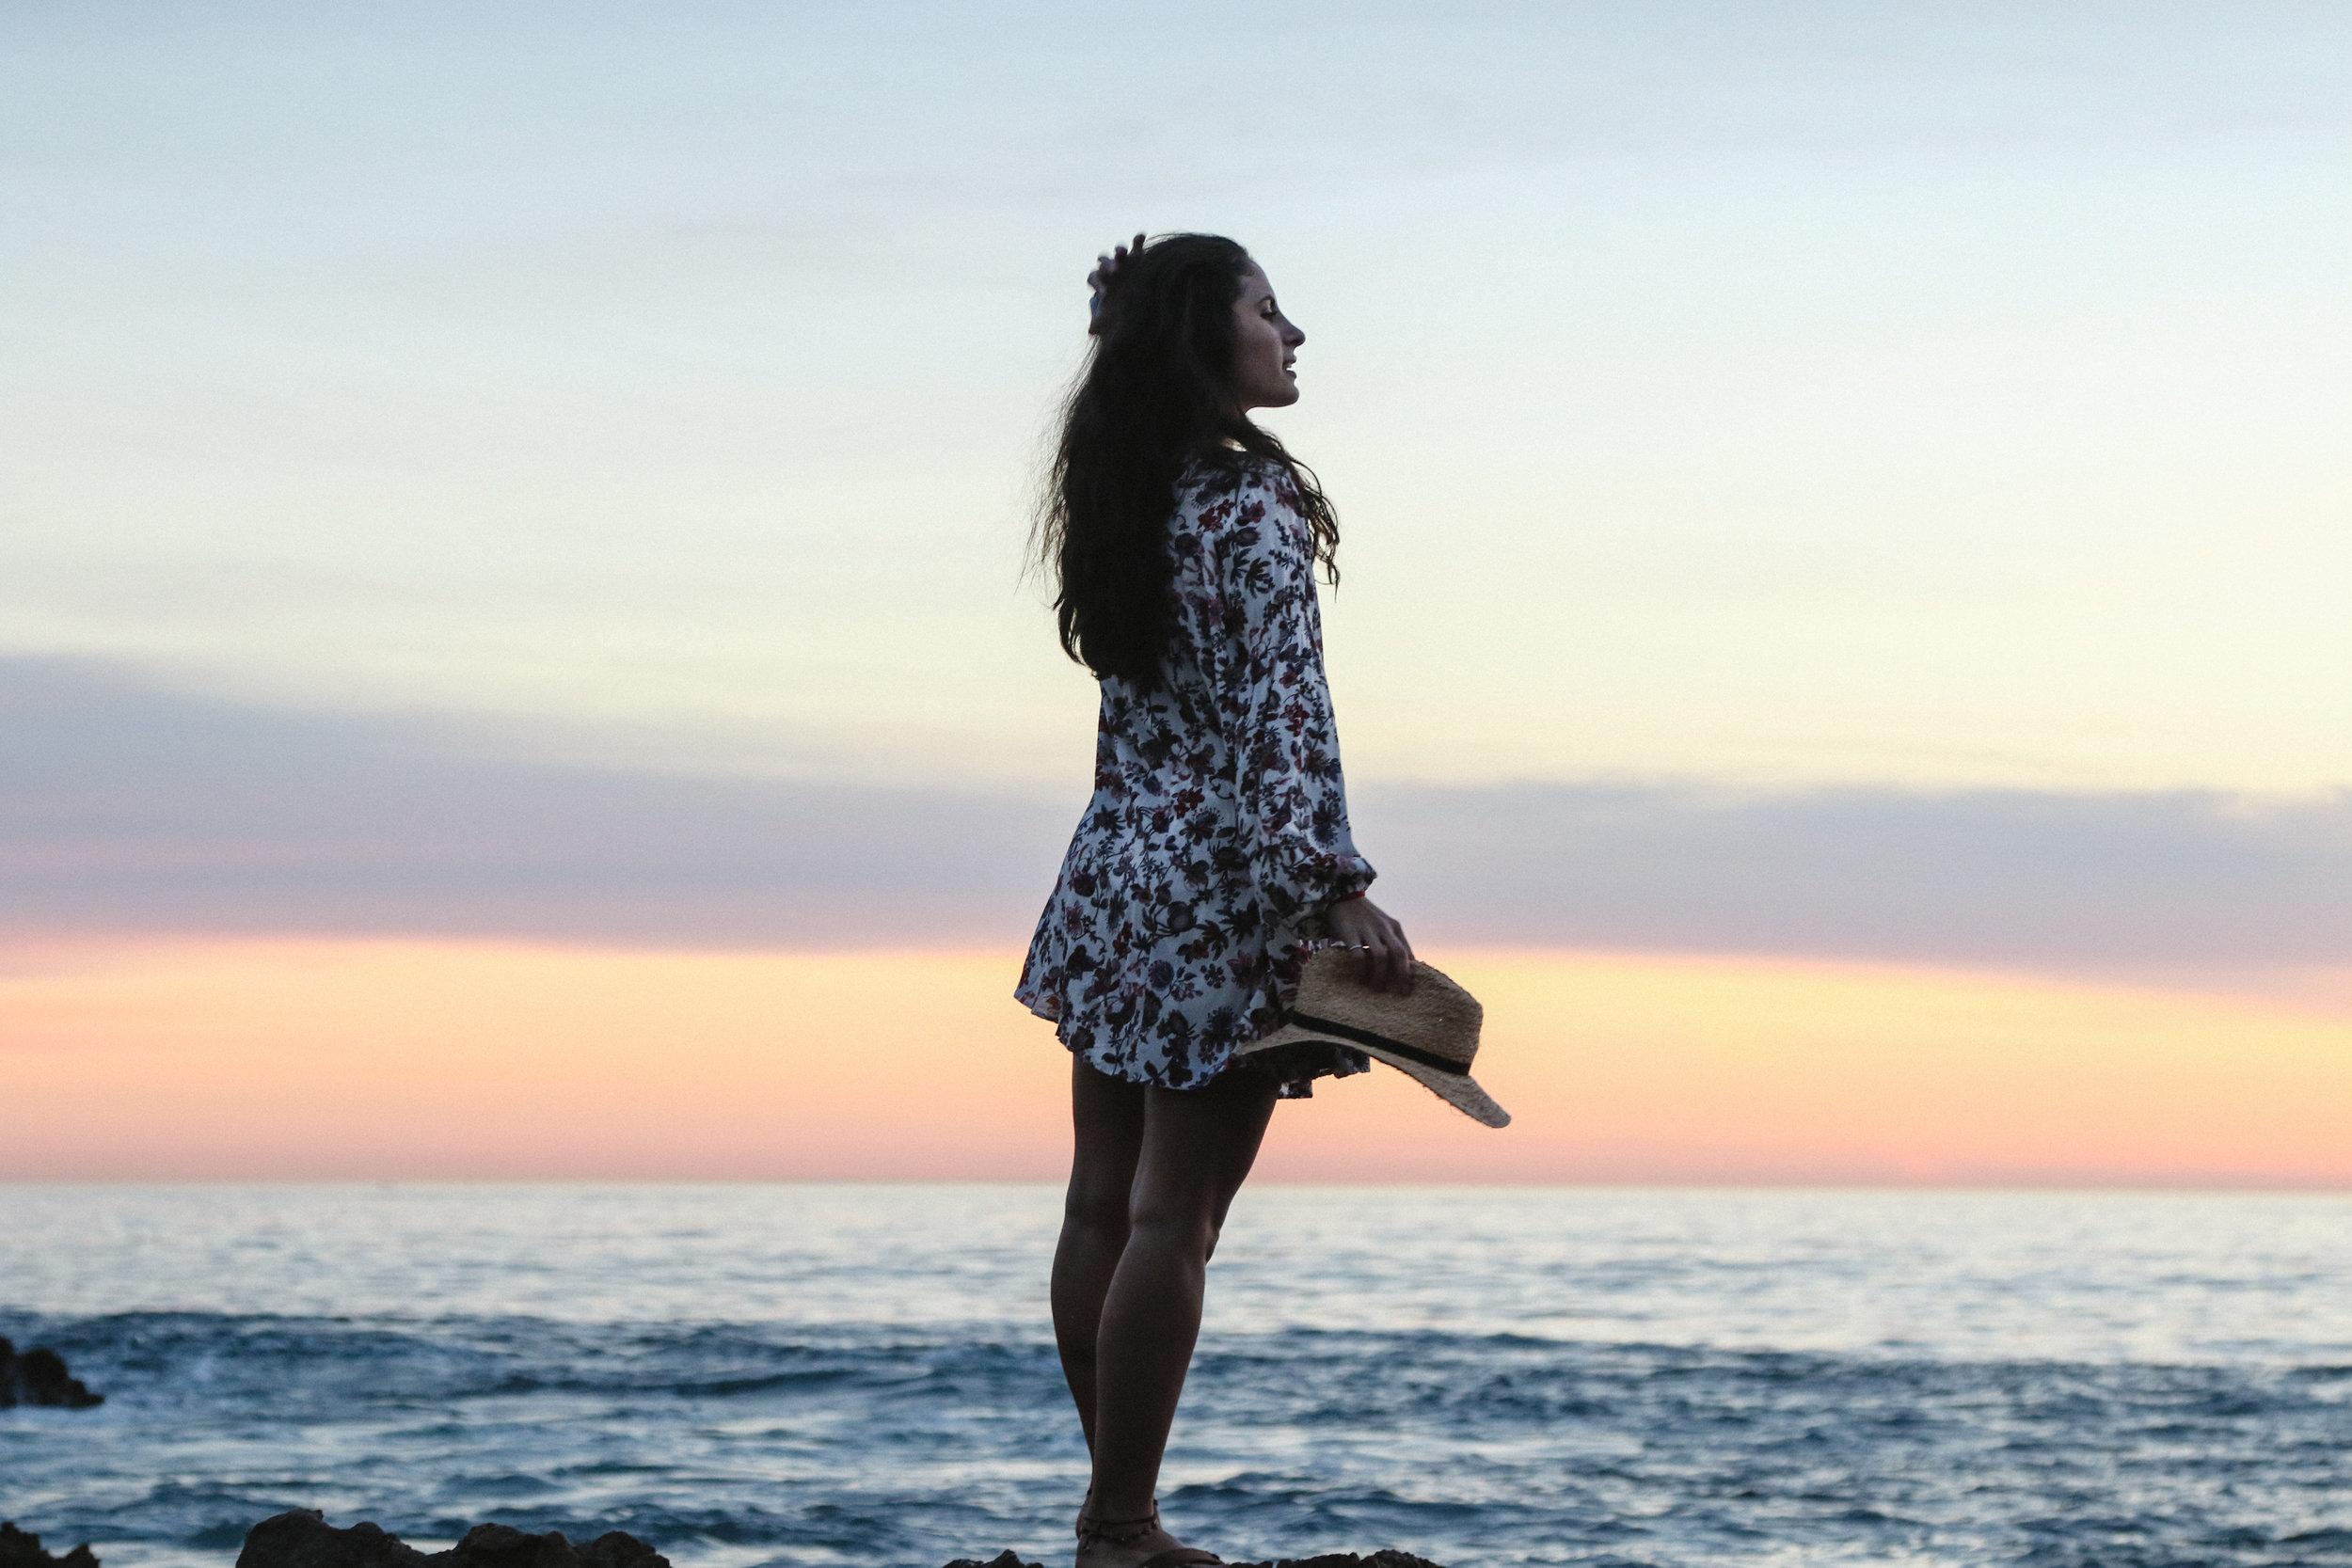 Unser Körper - besteht aus den 5 Elementen, der Nahrung der Erde, der Wasserkraft und Flexibilität durch den hohen Flüssigkeitsanteil in unserem Körper, unserem Verdauungsfeuer, der energetischen Kraft von Prana in unserem Atem, die alle Zellen nährt, und der Raum, durch den alles im Organismus gehalten wird und der alles durchdringt.Elemental Vinyasa ist eine grundlegende energetische Landkarte, die dem Erwecken unseres elementaren Körpers und als Basis für die Alchemie der Bewegung im Stunden- und Sequenzaufbau dient. Das spezifische Sequencing und die Inhalte in diesem Modul unterstützen uns, die elementaren uns innewohnenden Prinzipien der Natur zu verkörpern und eine natürliche Verbindung zwischen Praxis und dem alltäglichen Leben zu finden.